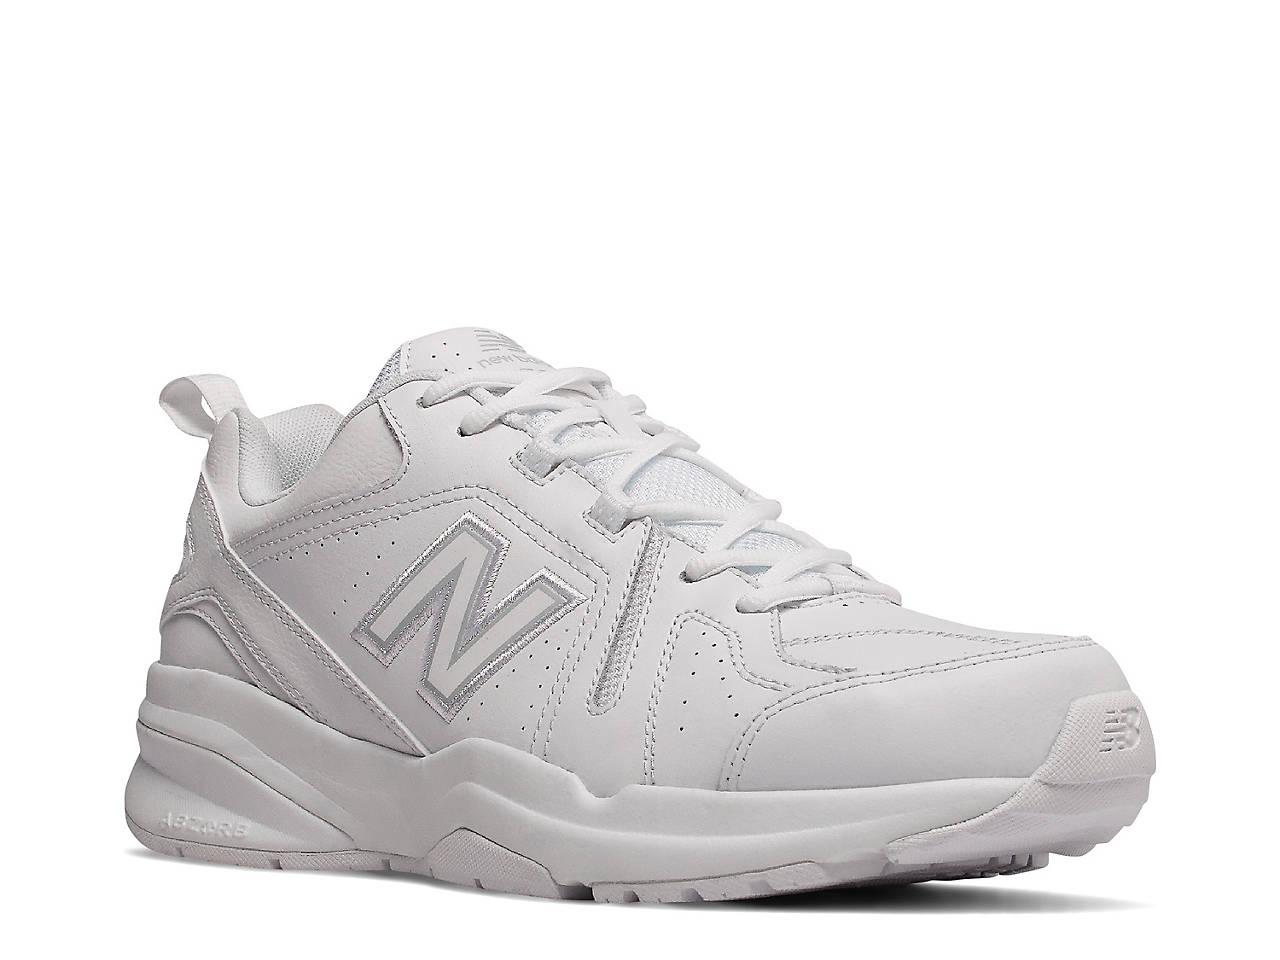 0ece10c5e67e New Balance 608 V5 Training Shoe - Men s Men s Shoes